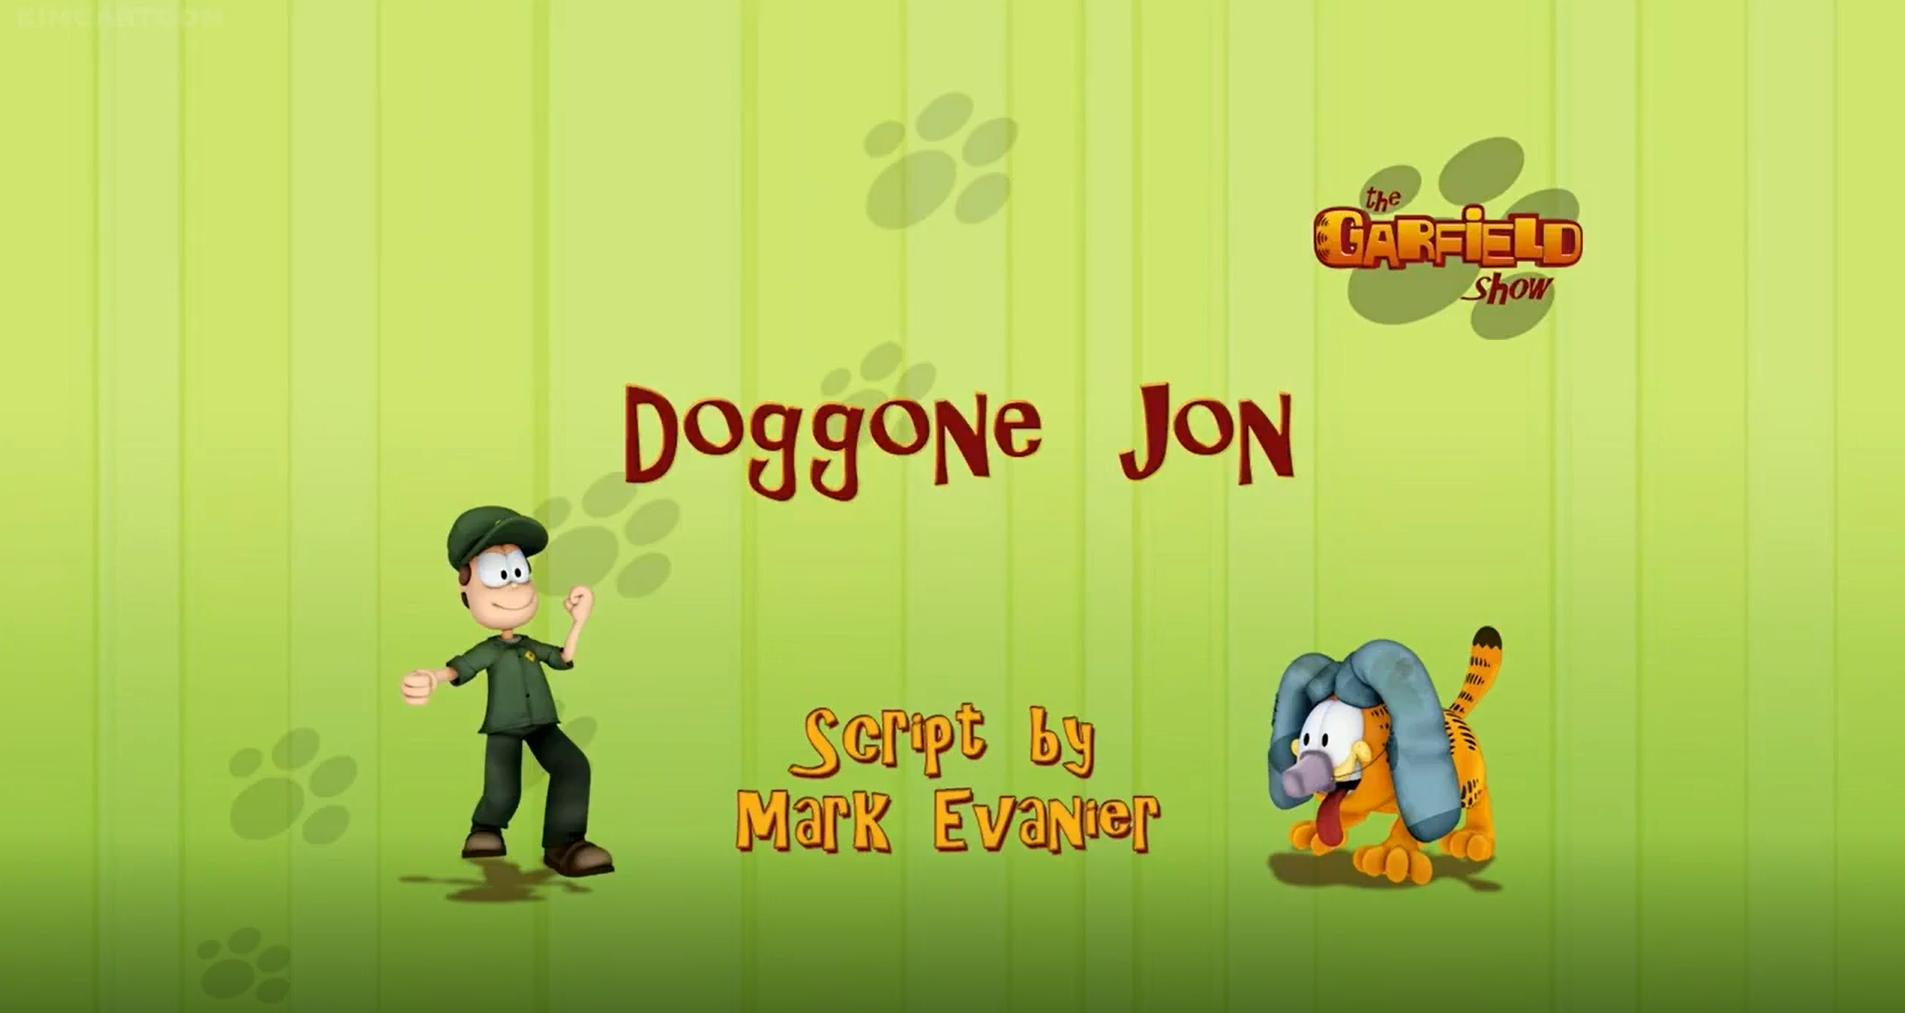 Doggone Jon